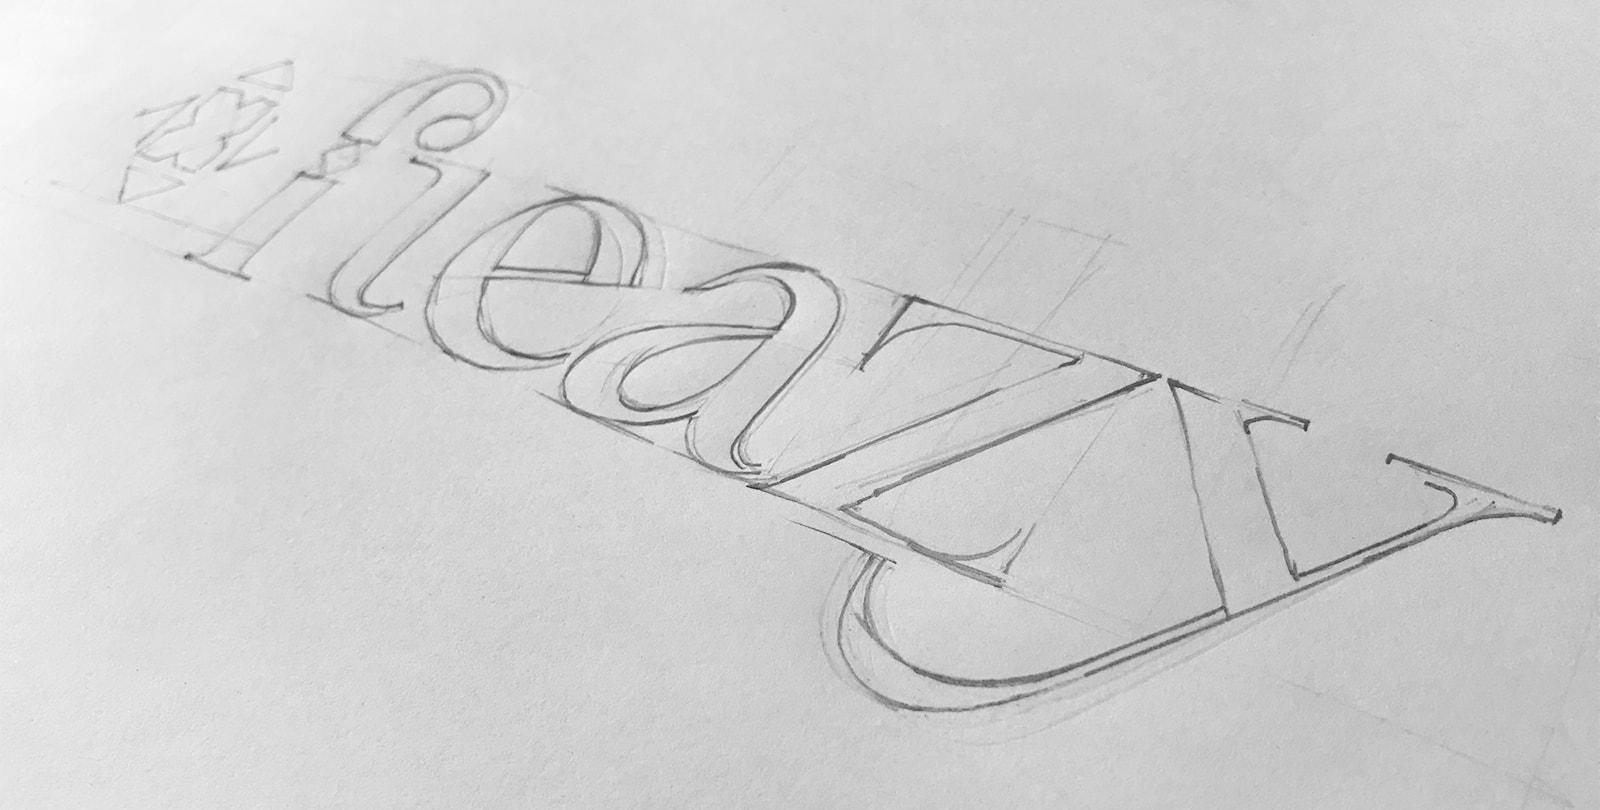 Logo-Skizze für einen Webshop